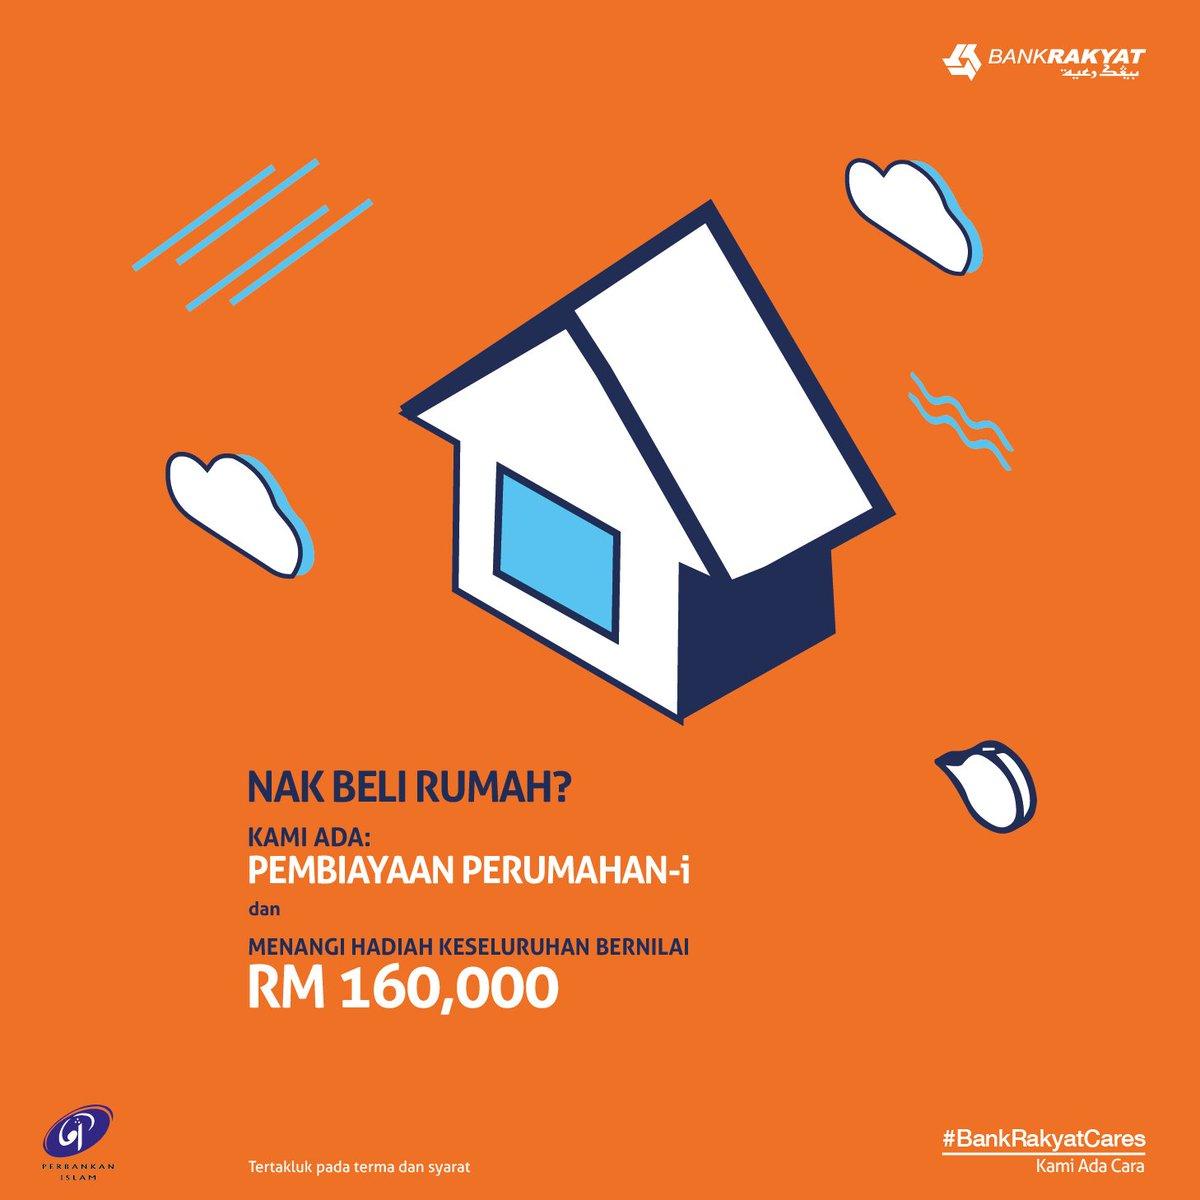 Bank Rakyat Ar Twitter Miliki Rumah Idaman Dengan Pembiayaan Perumahan I Layari Https T Co I75qjfowqt T S Bankrakyatcares